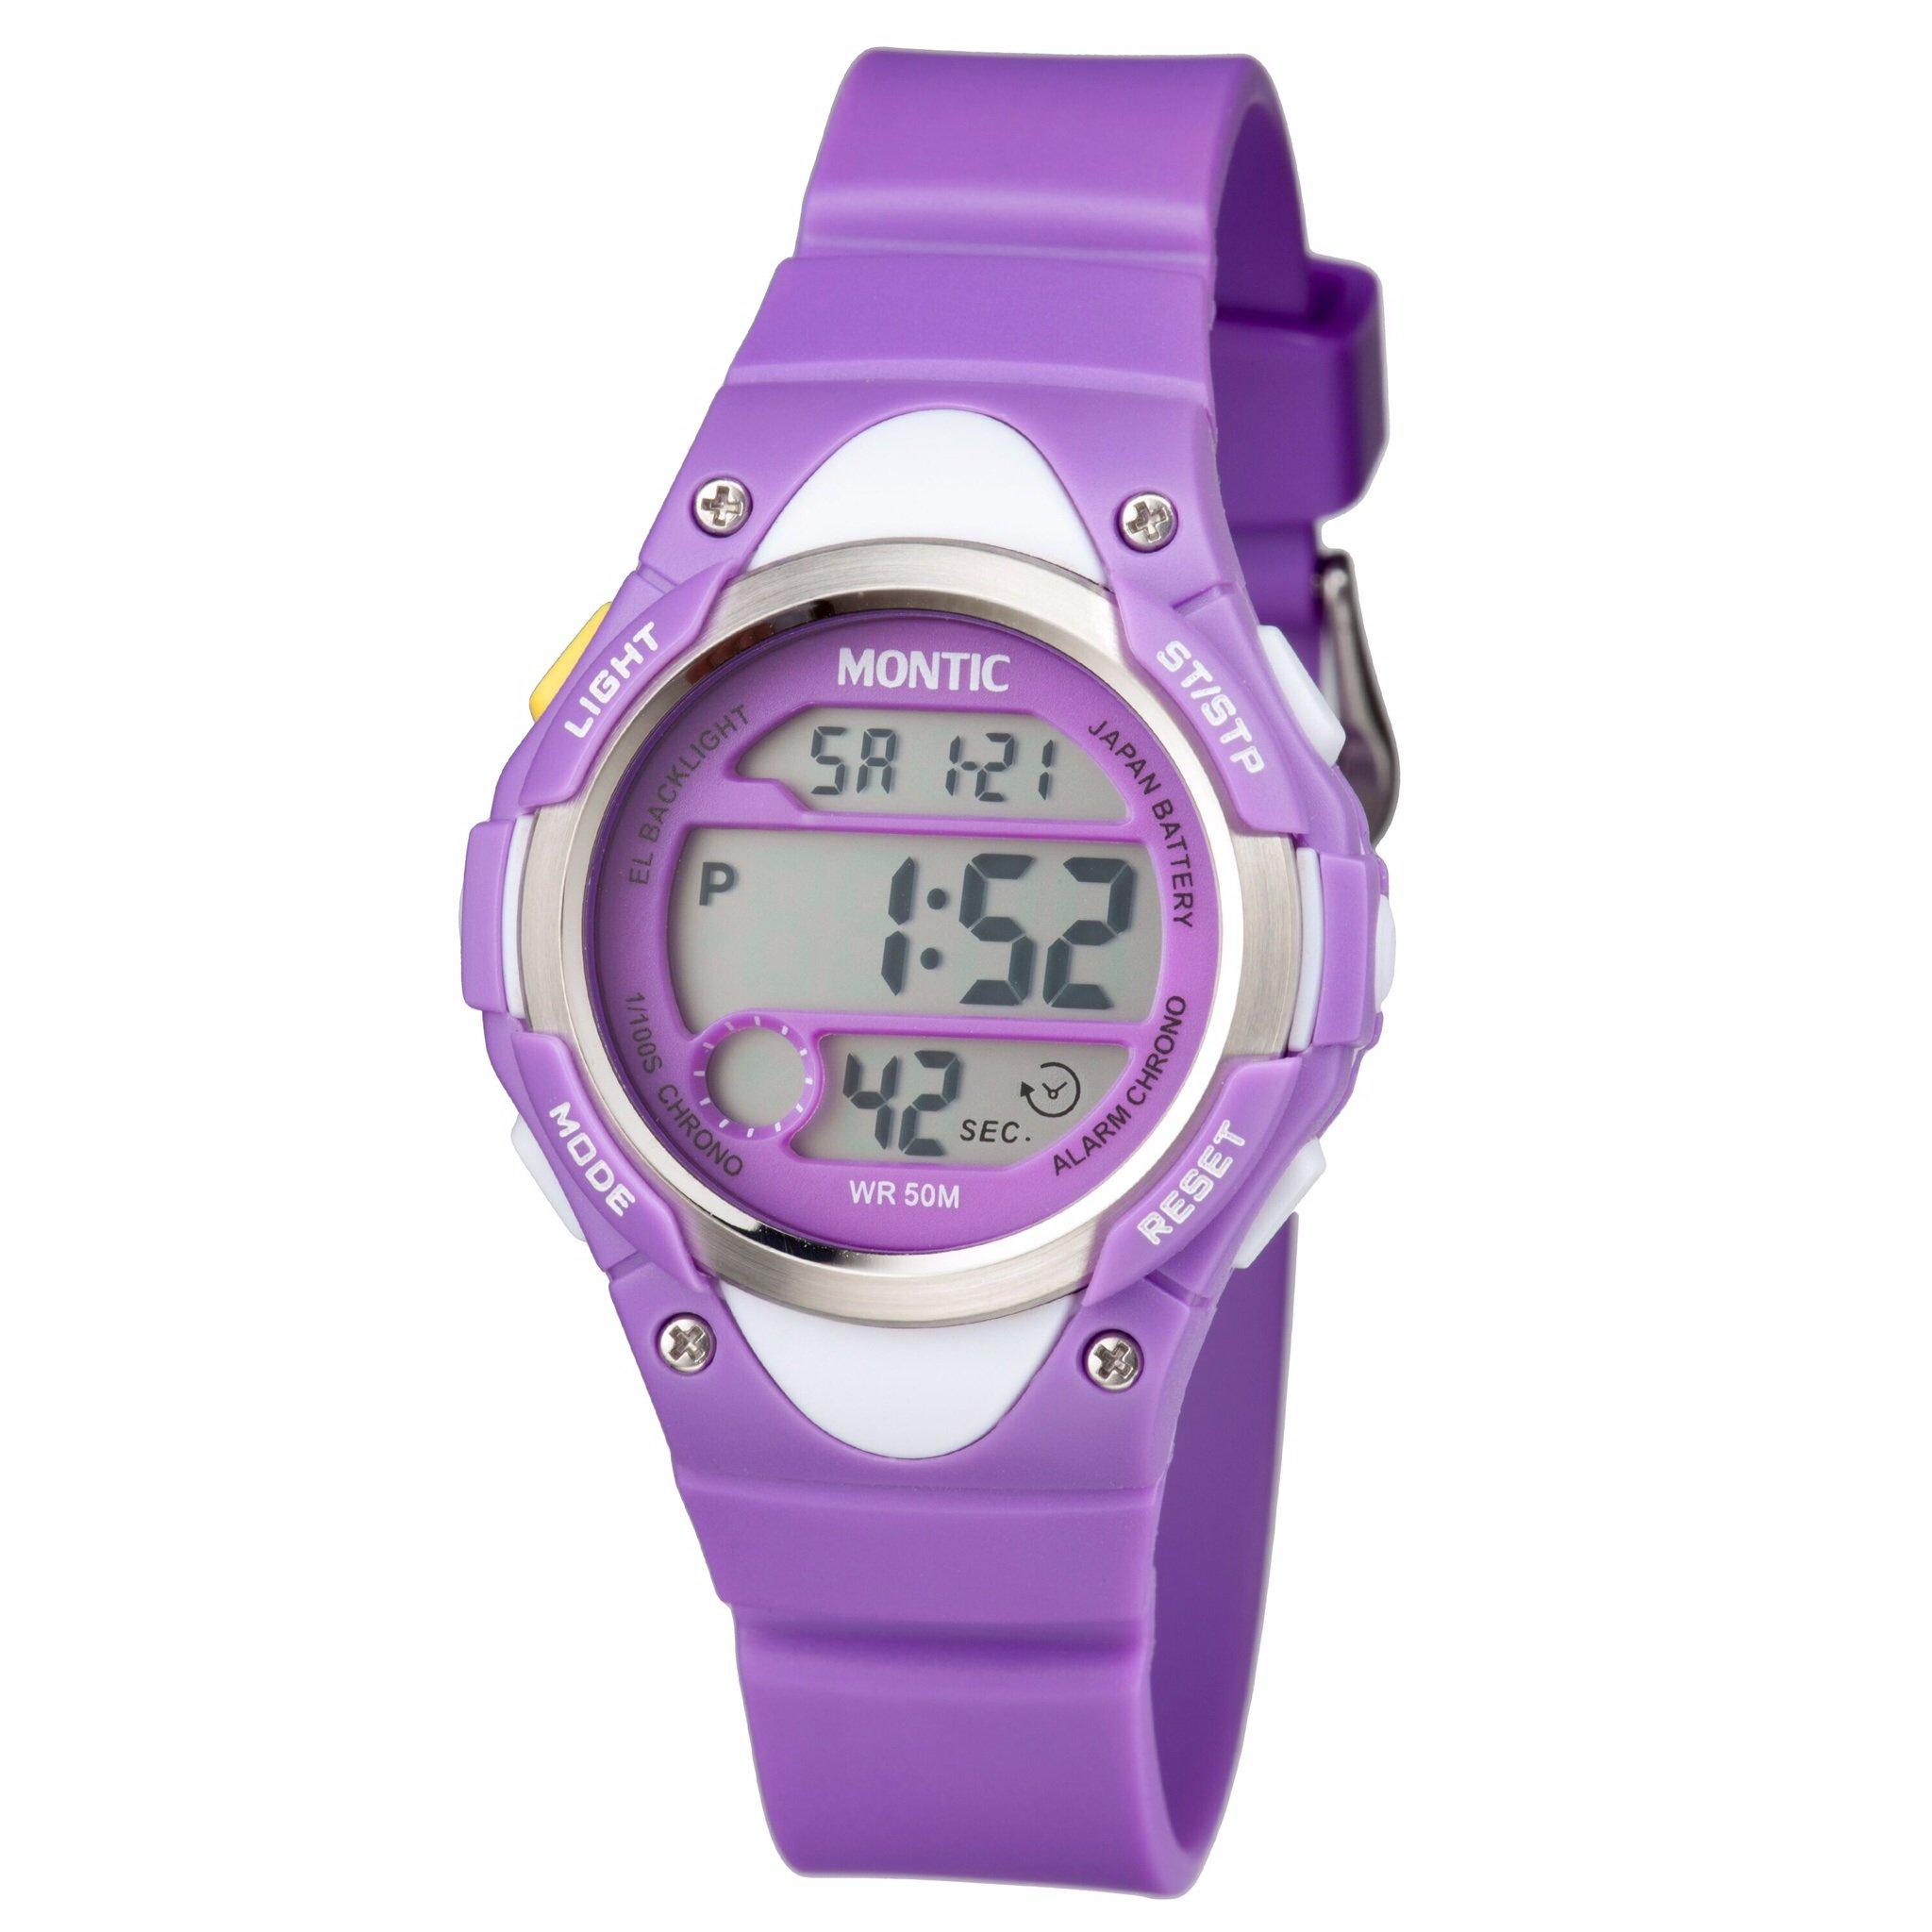 Montic Girls Watch Digital Multi Function Sports Waterproof Watch